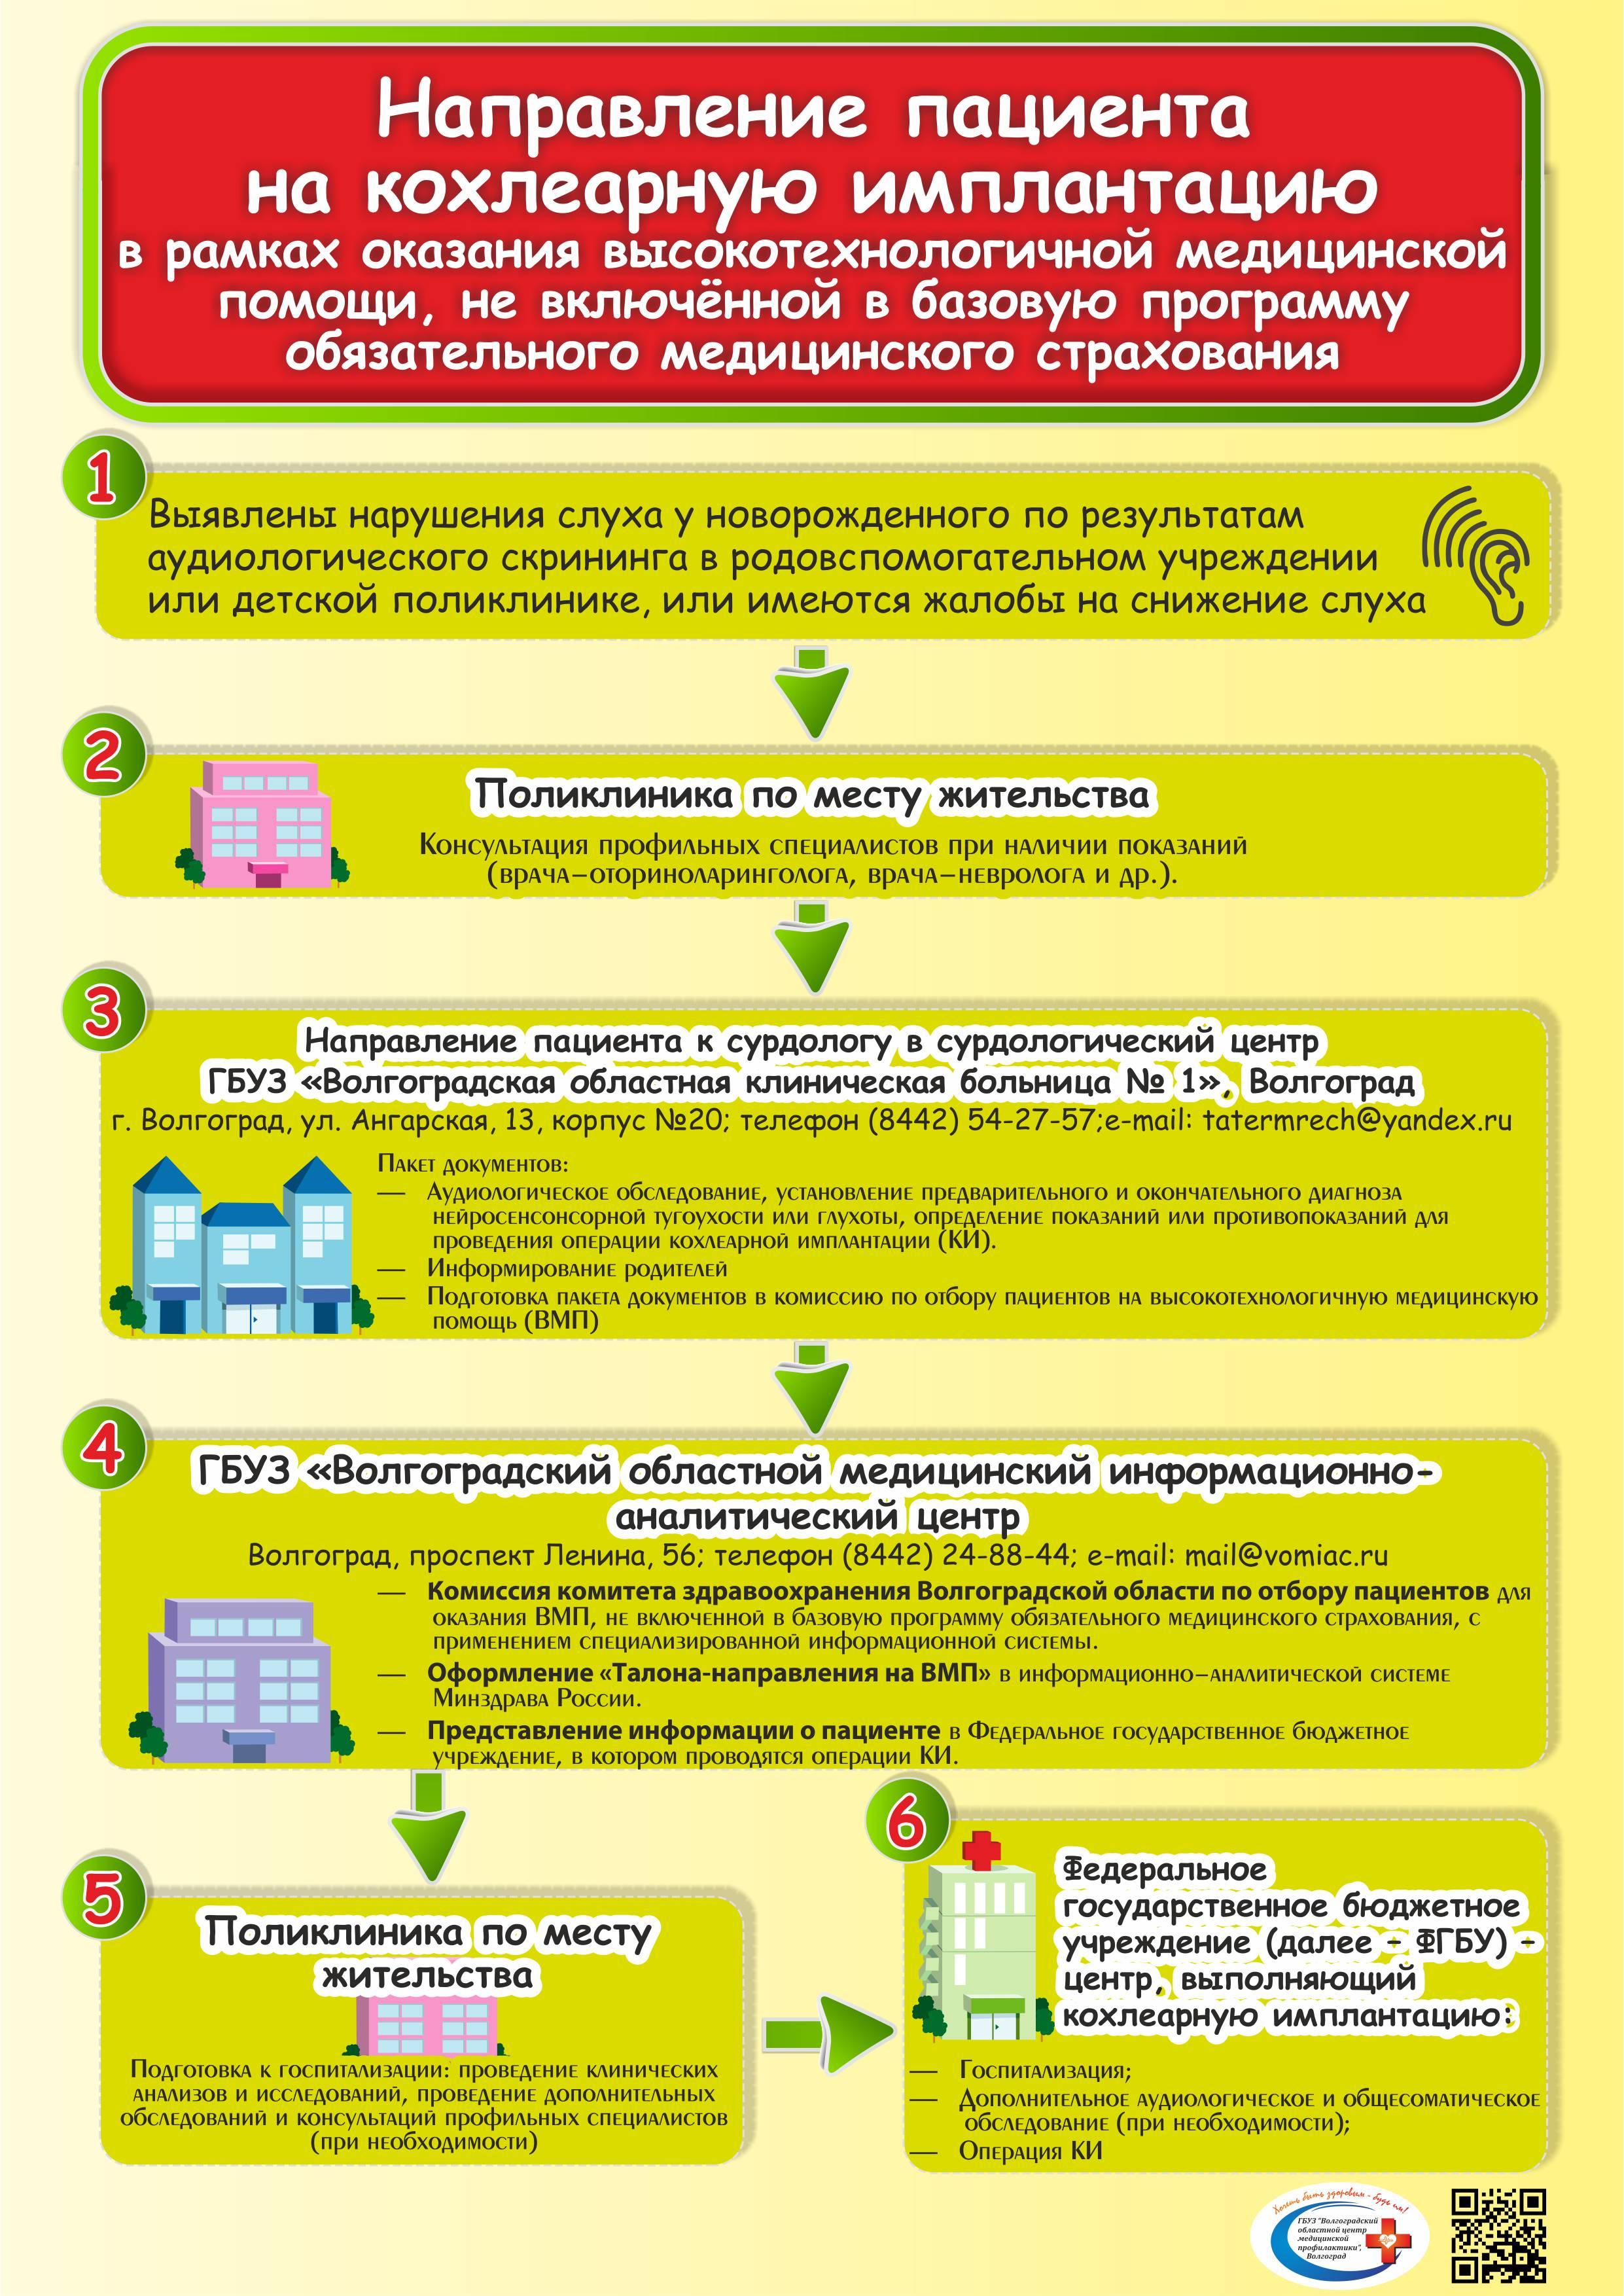 Плакат-Направление-пациента-на-кохлеарную-имплантацию